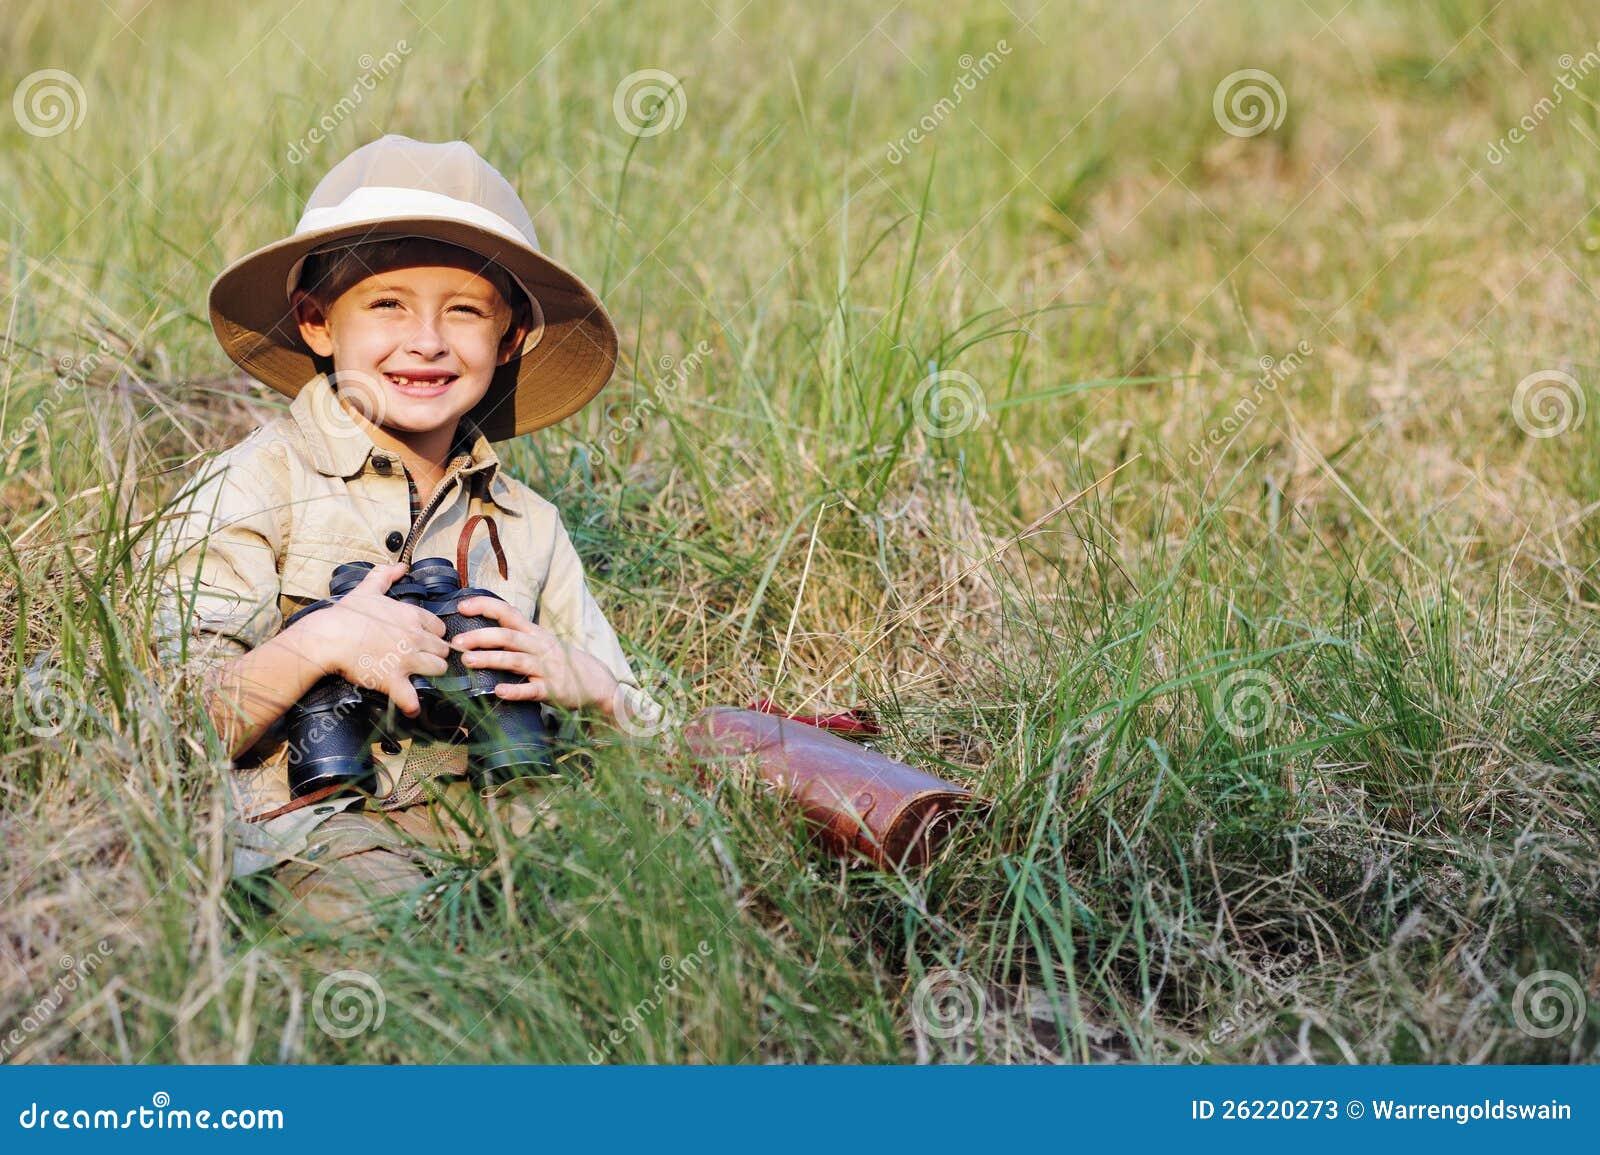 Safari boy